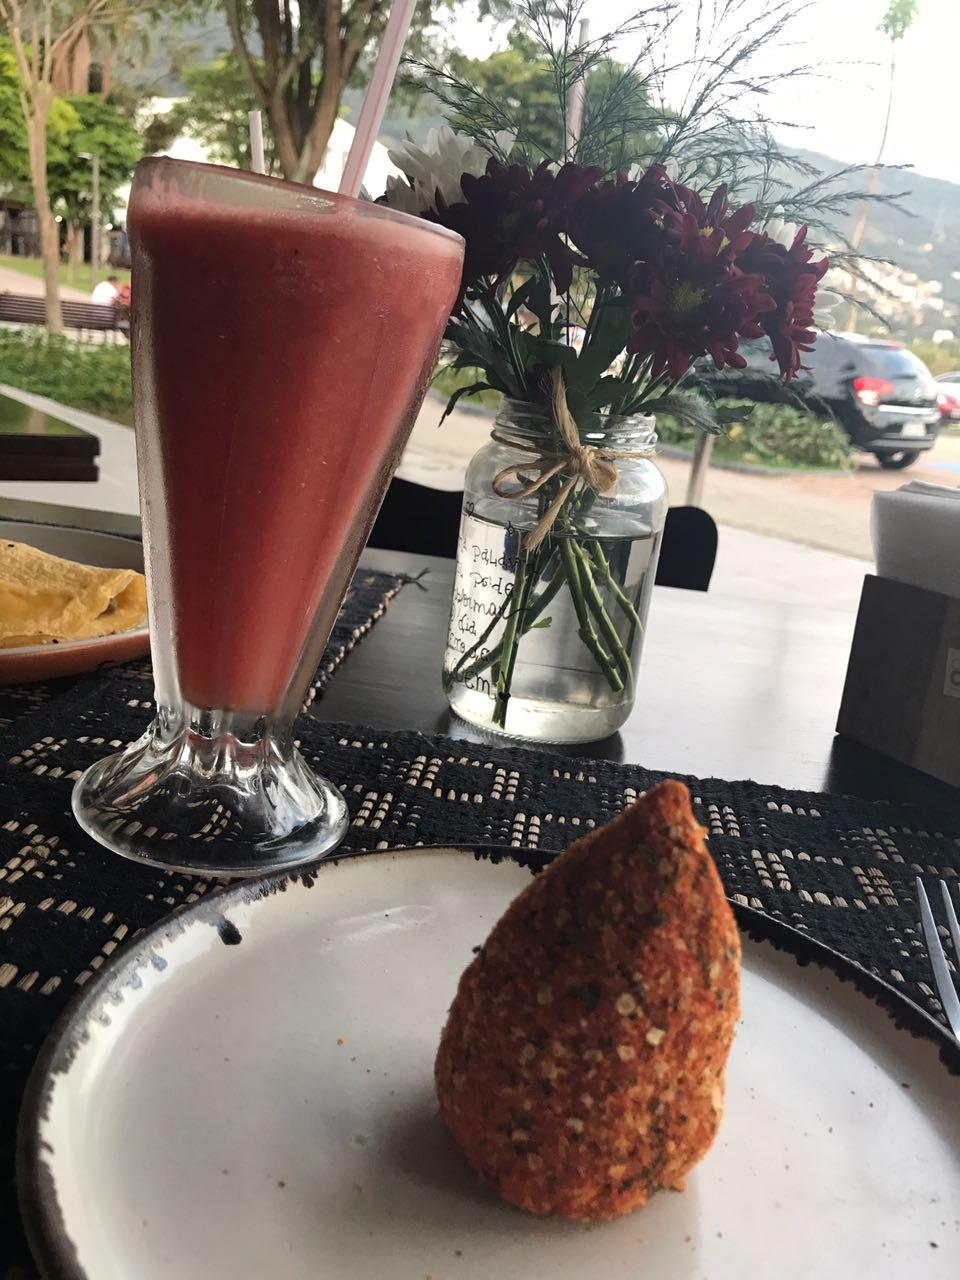 restaurante saudável floripa florianopolis (4)